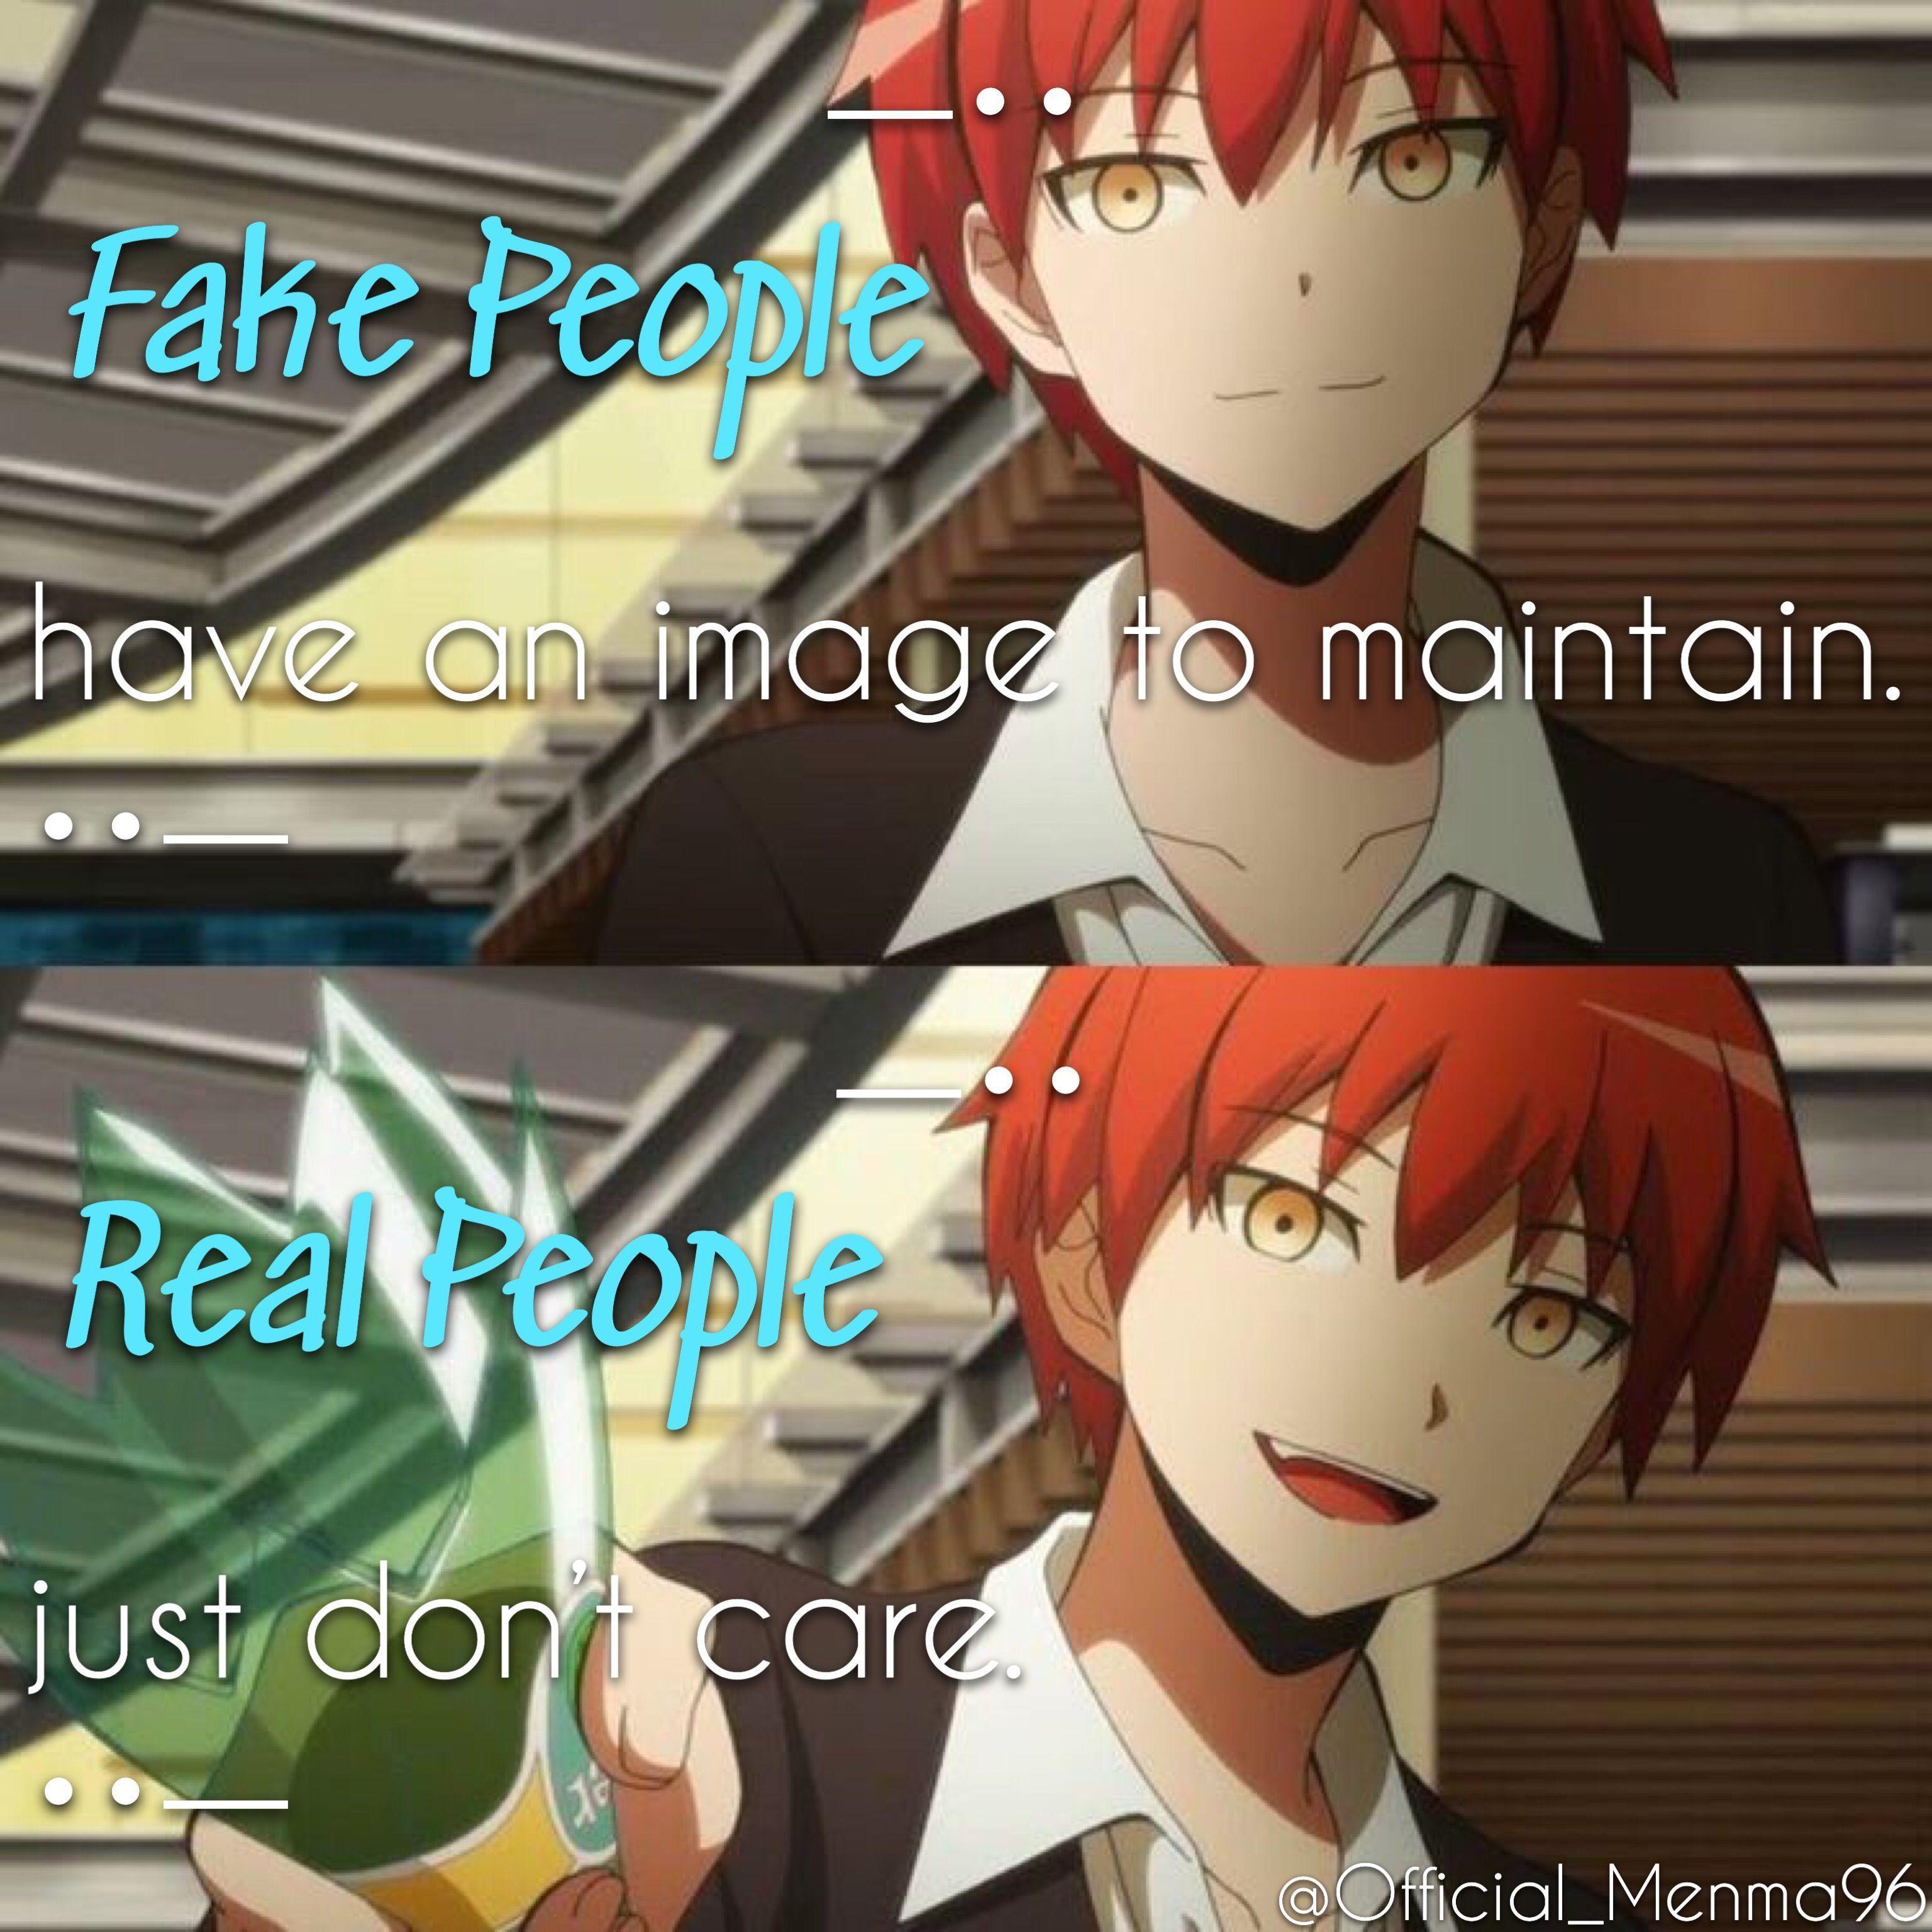 Karma Akabane || Assassination Classroom || Anime Quote - Karma Akabane || Assassination Classroom |... - #akabane #anime #assassination #classroom #karma #quote - #Quotes